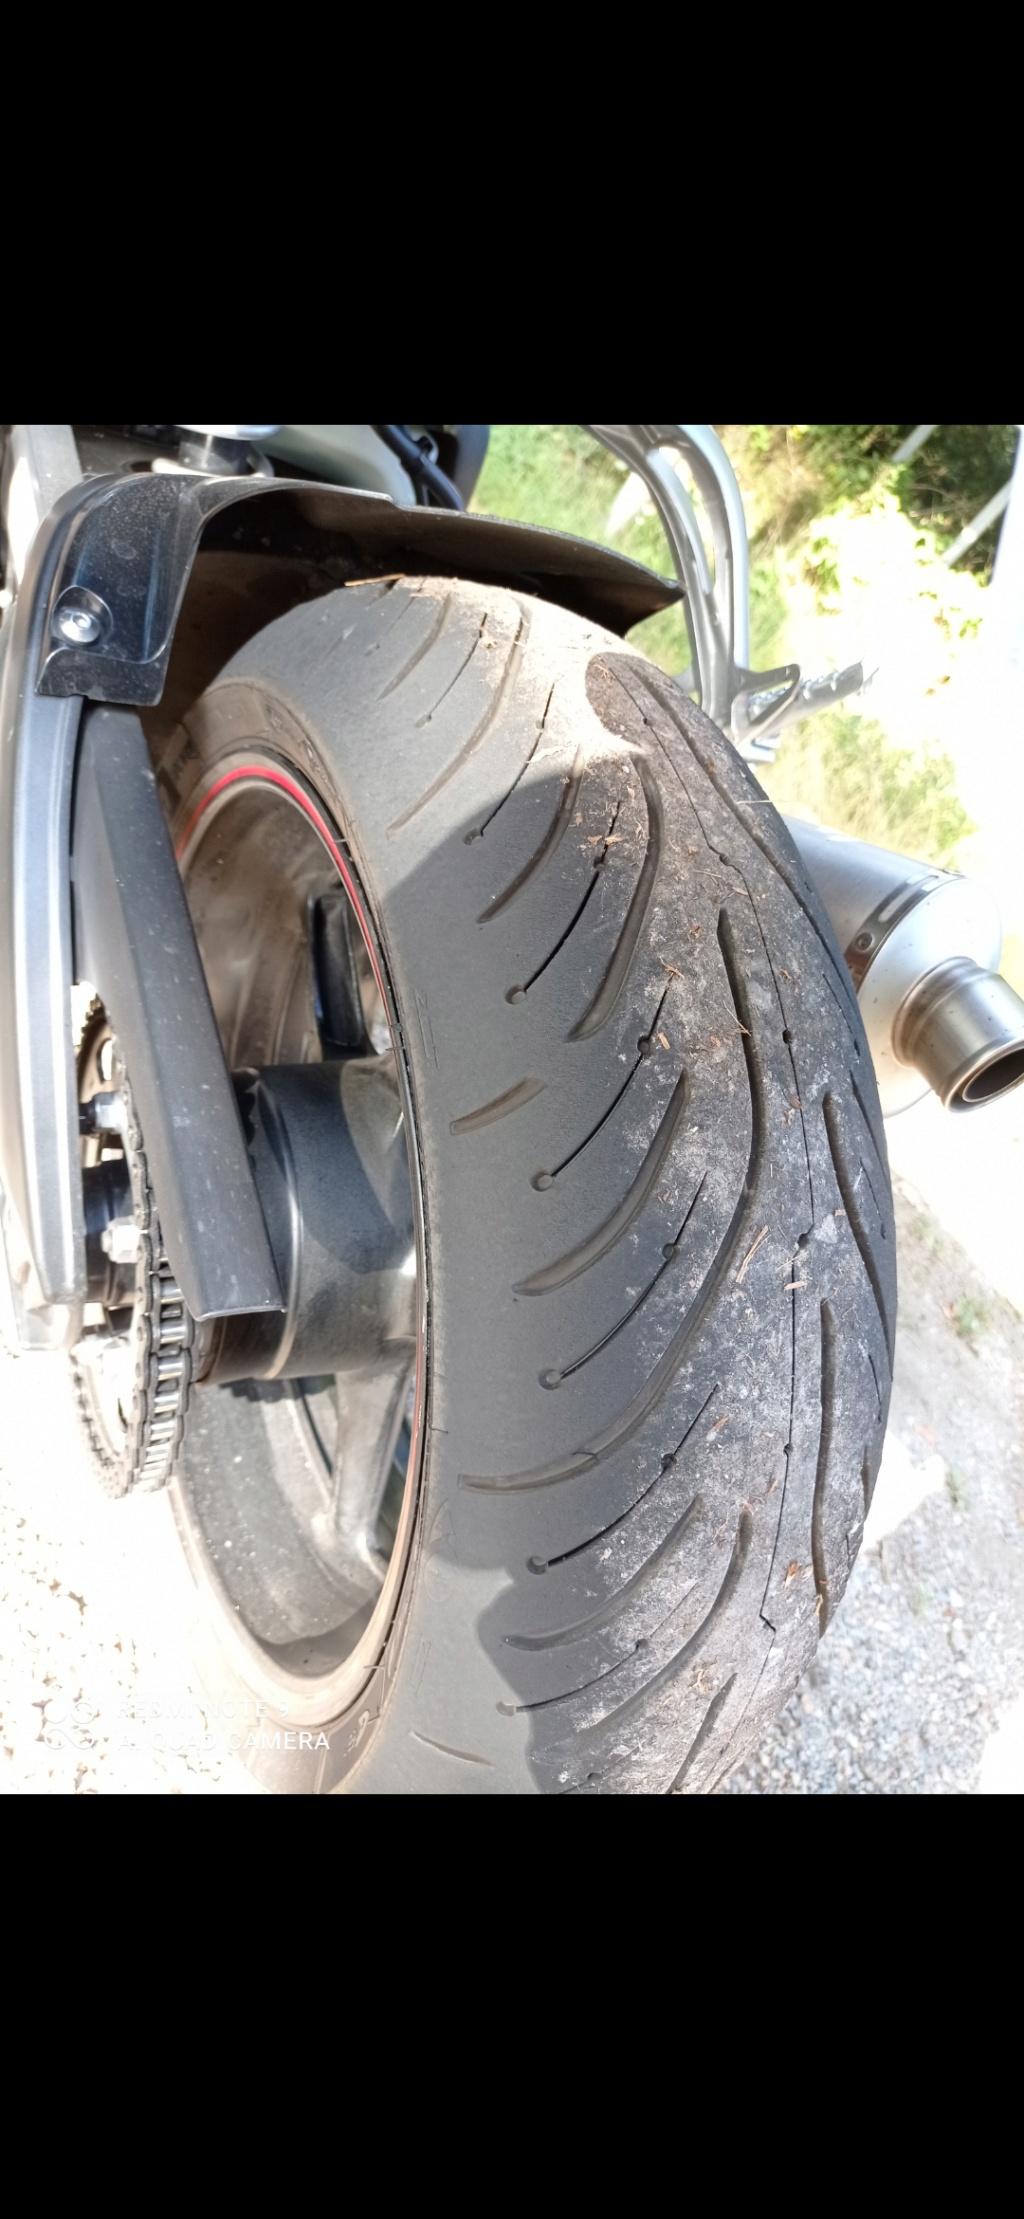 changement pneu et choix? - Page 9 Screen21